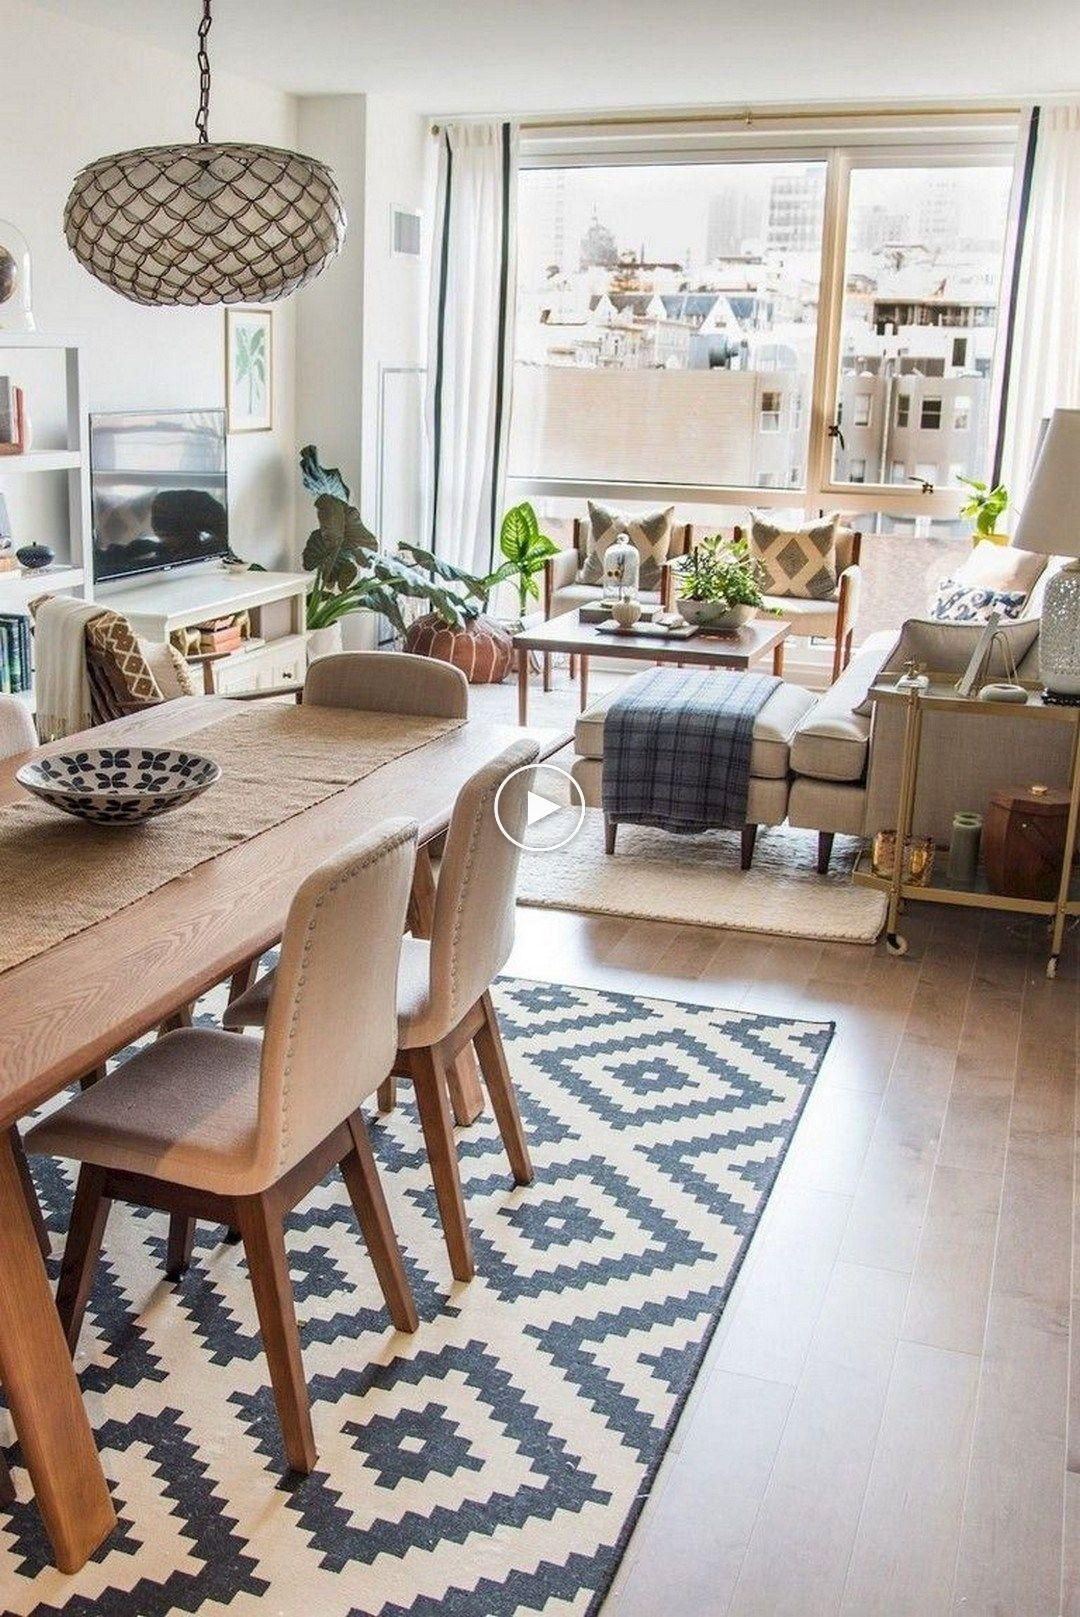 9 salle à Manger idée de décoration et de la maison modèle tour